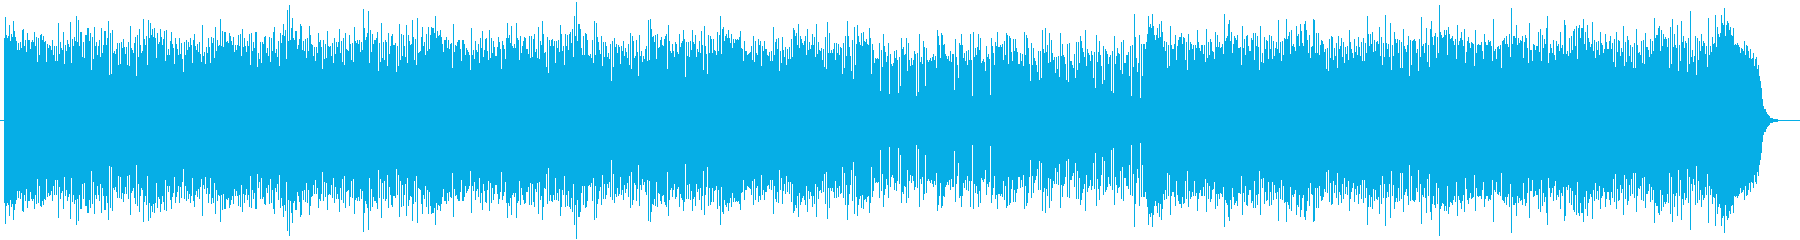 近未来感のあるシンセサイザーサウンドの再生済みの波形